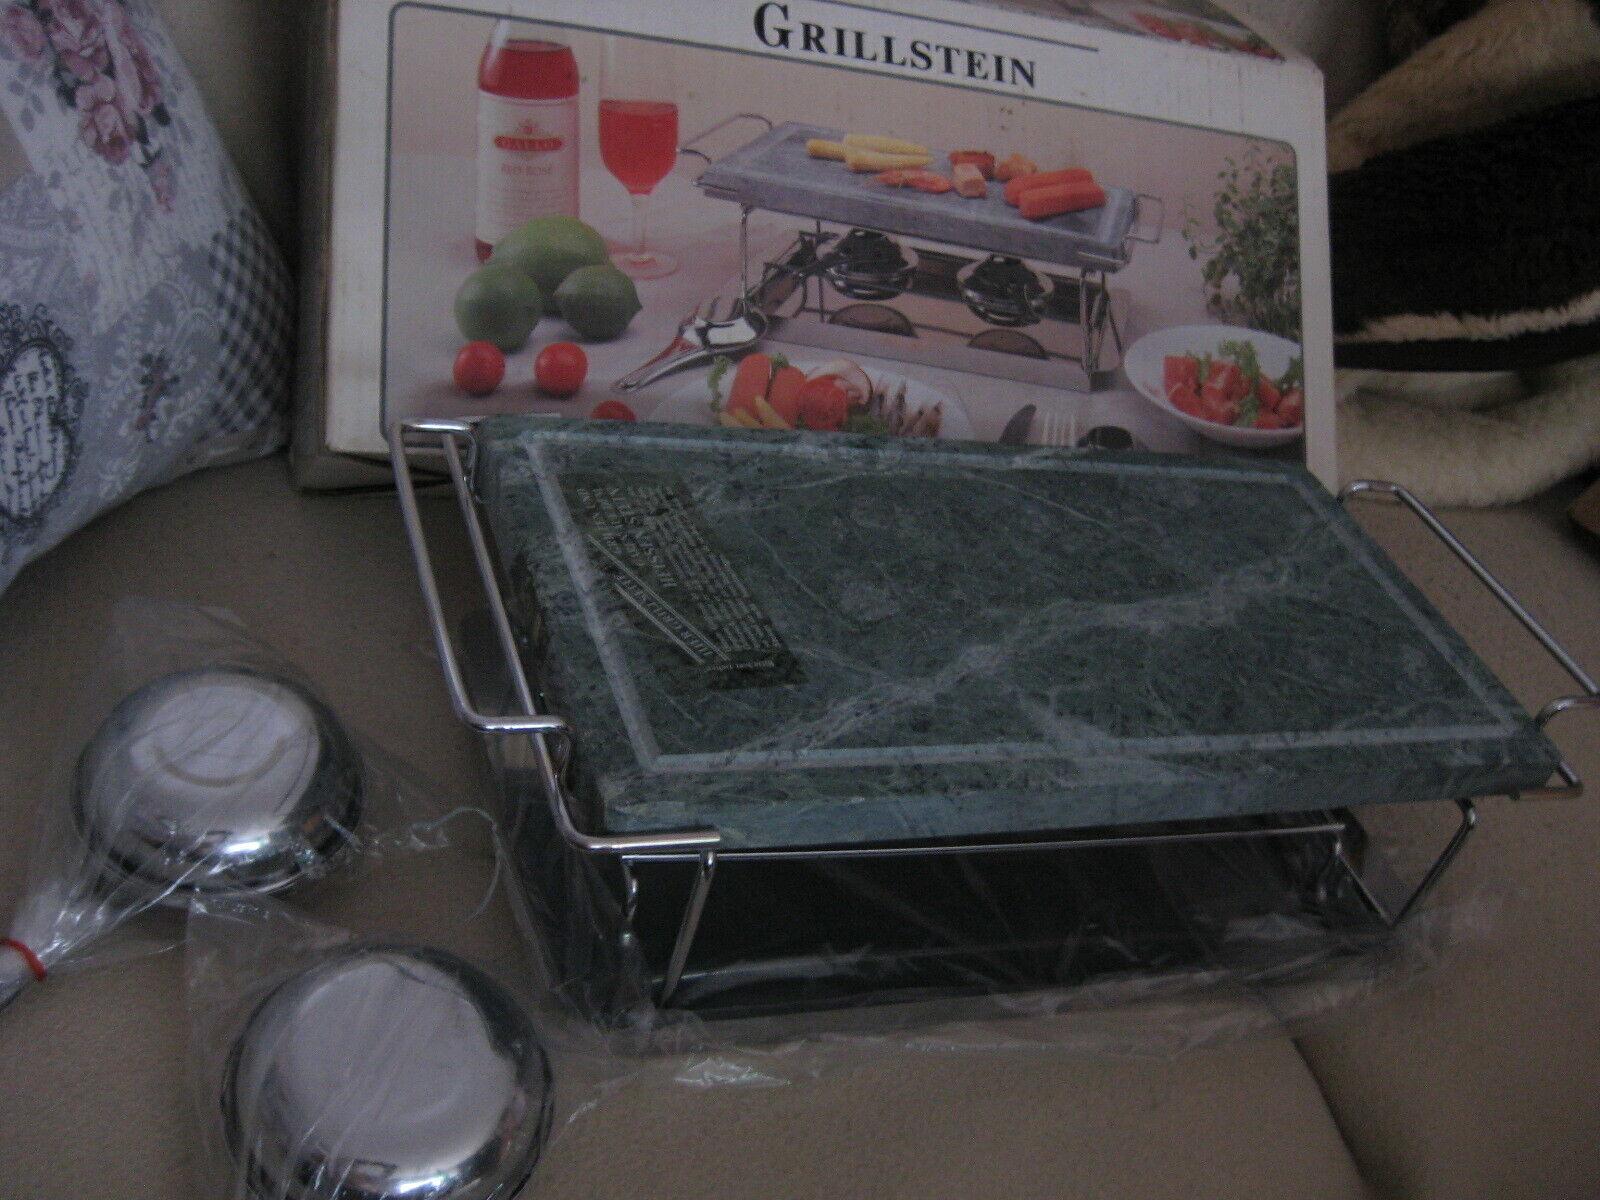 Heißer Stein Grillstein neu im Karton